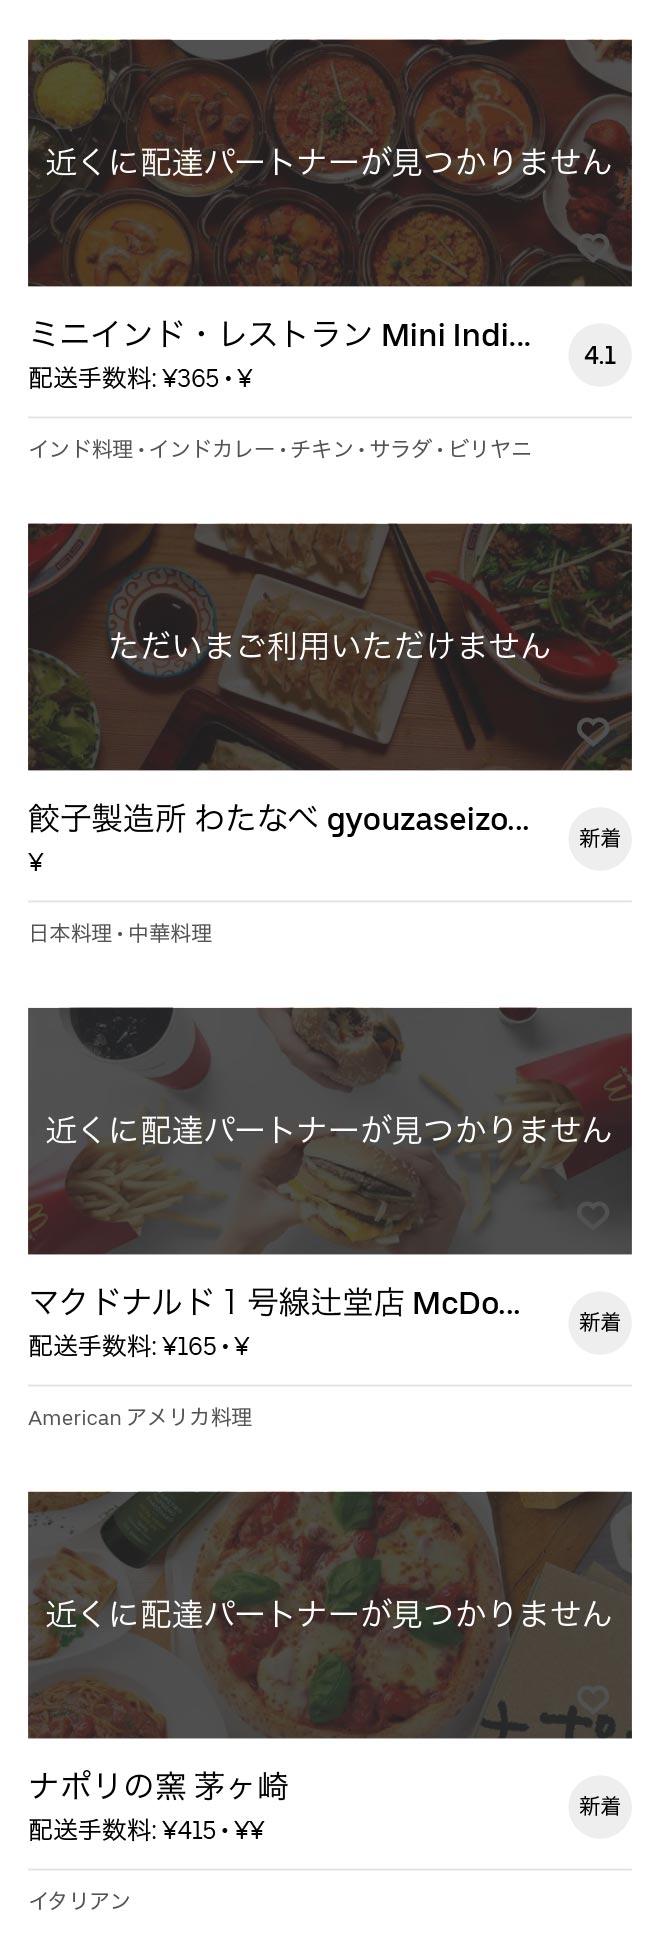 Tsujido menu 2008 04